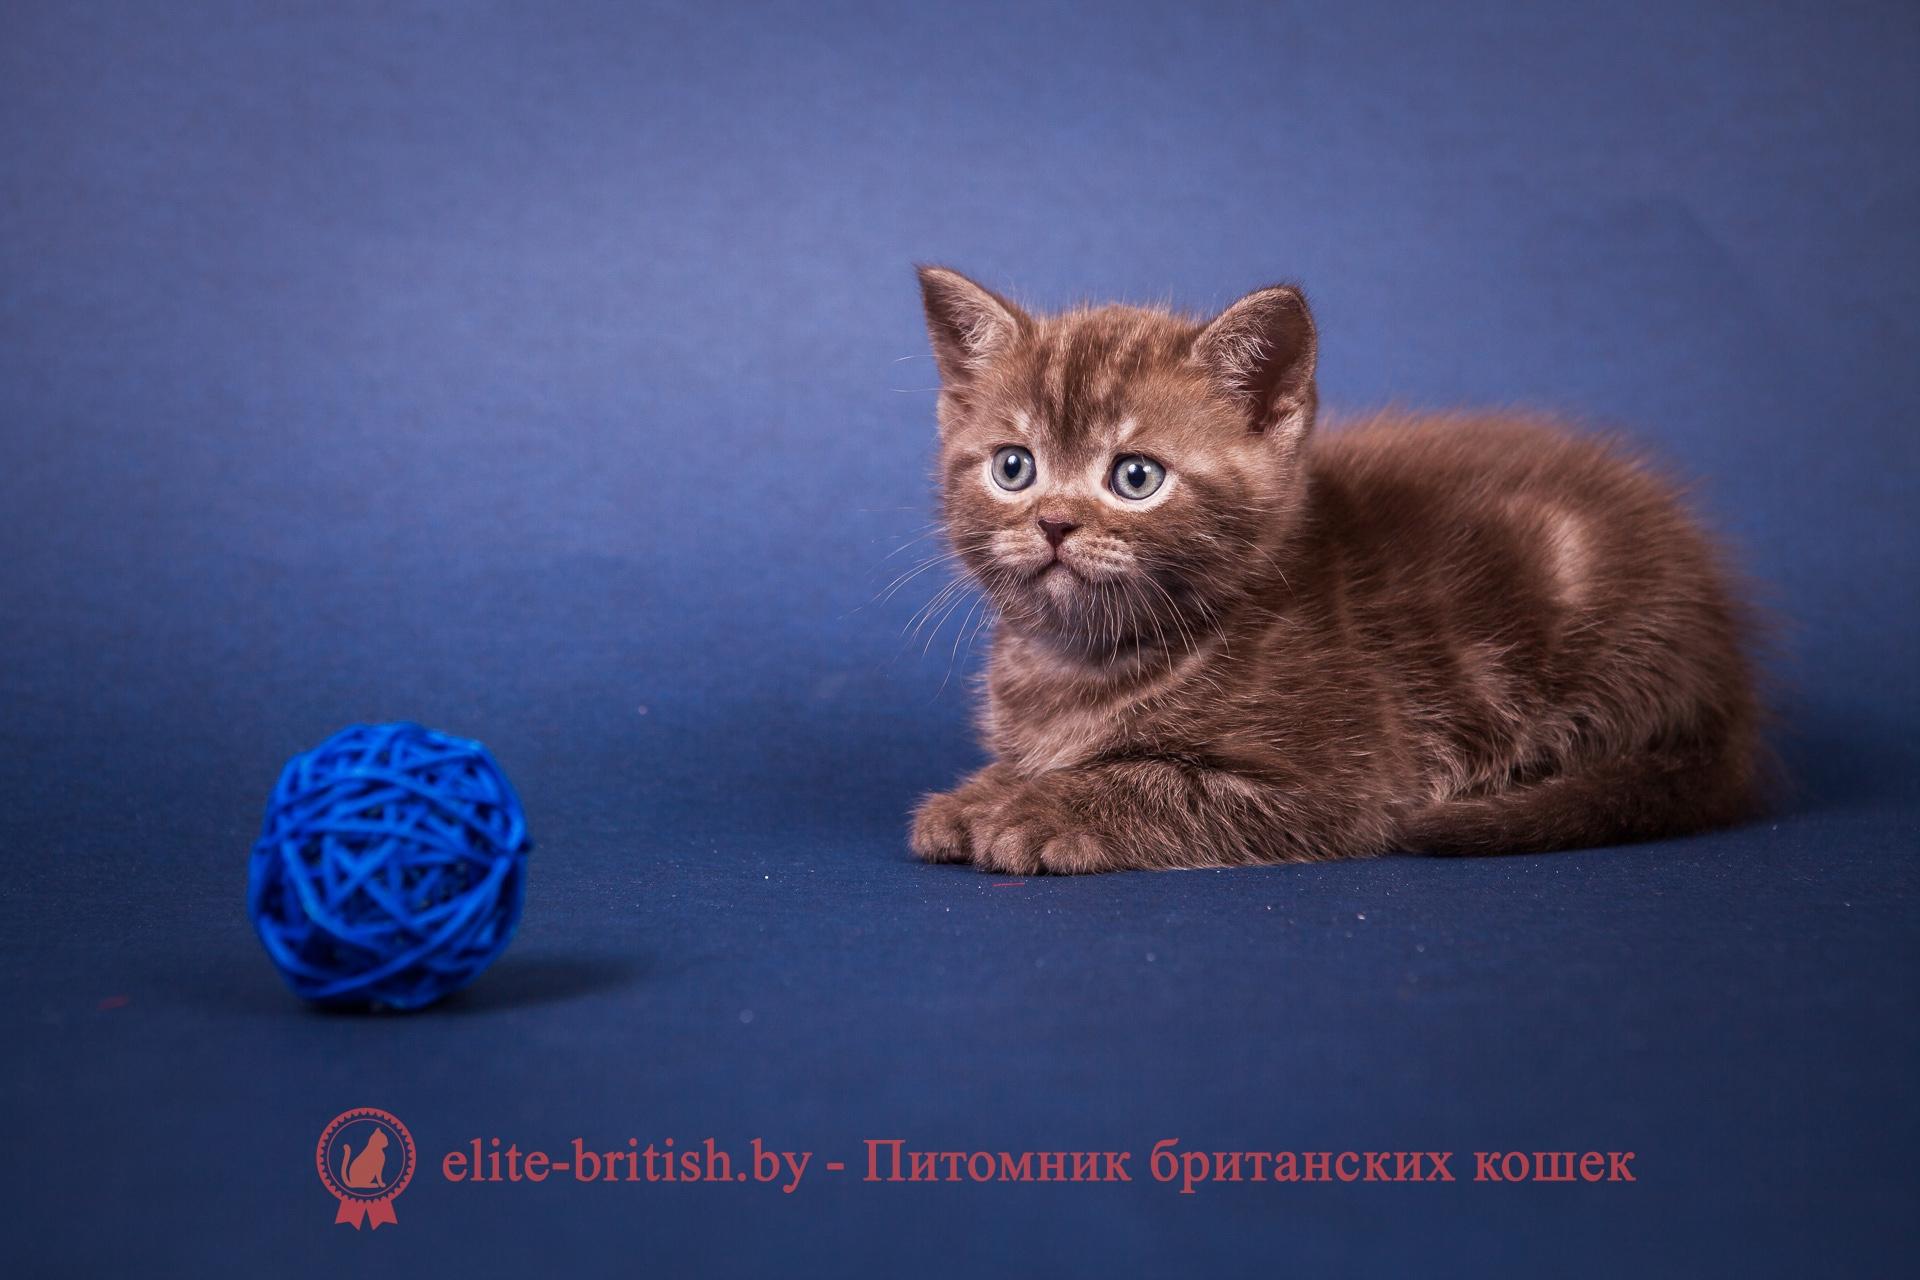 Продажа британского котенка (британца) в Минске в питомнике